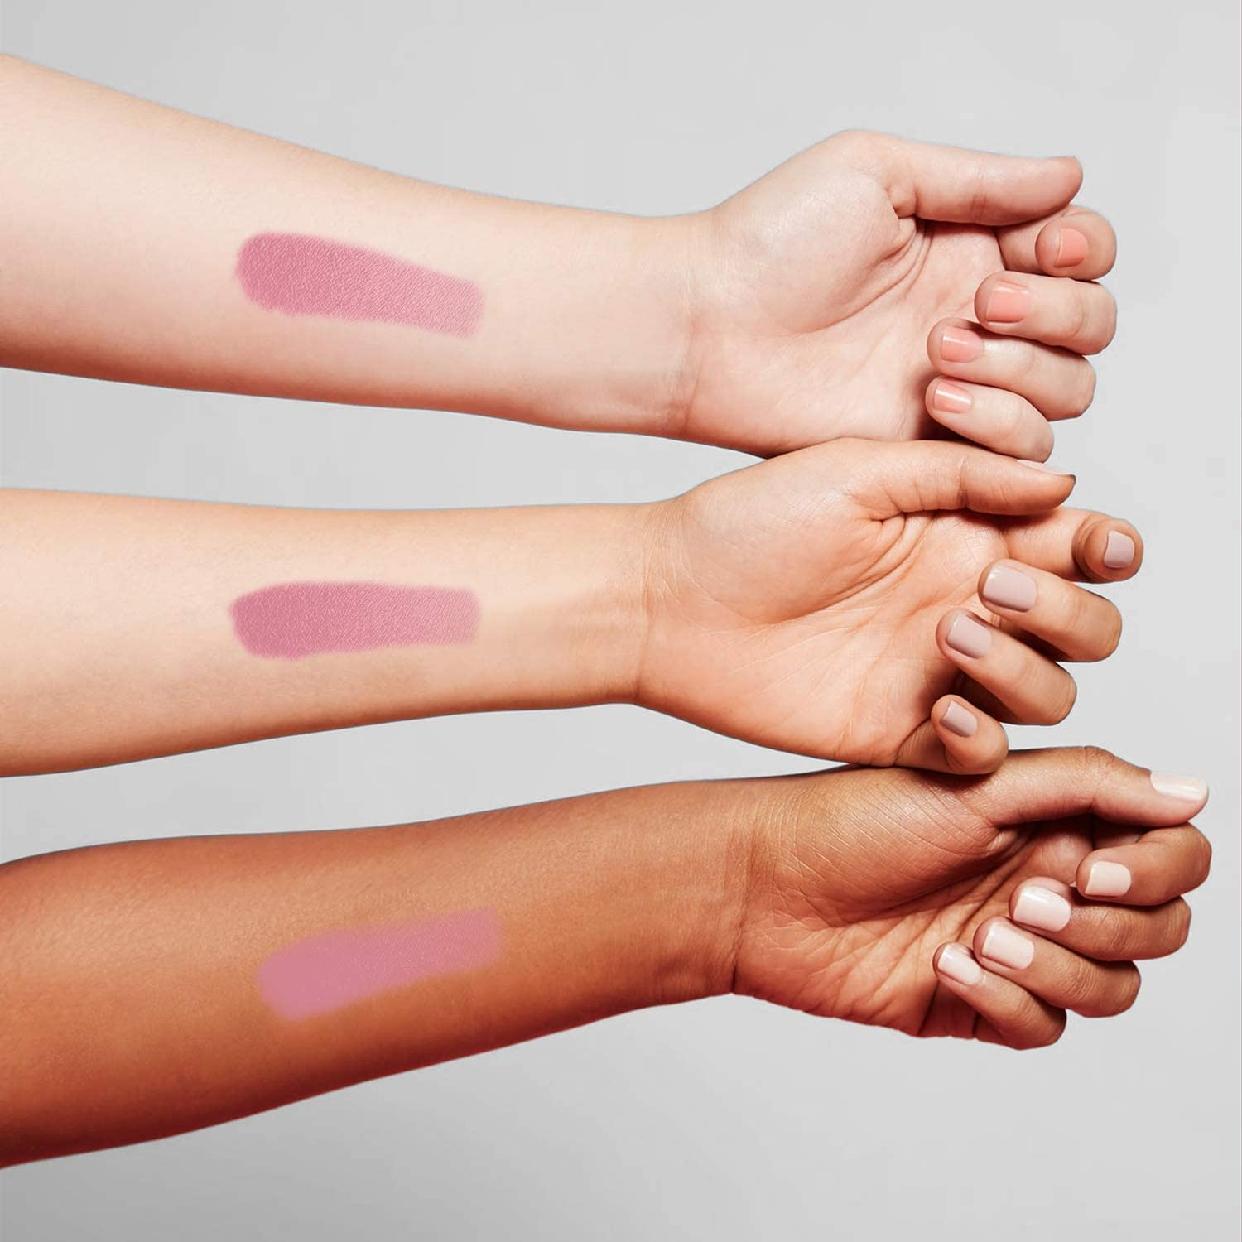 Dior(ディオール) アディクト リップ マキシマイザーの商品画像5